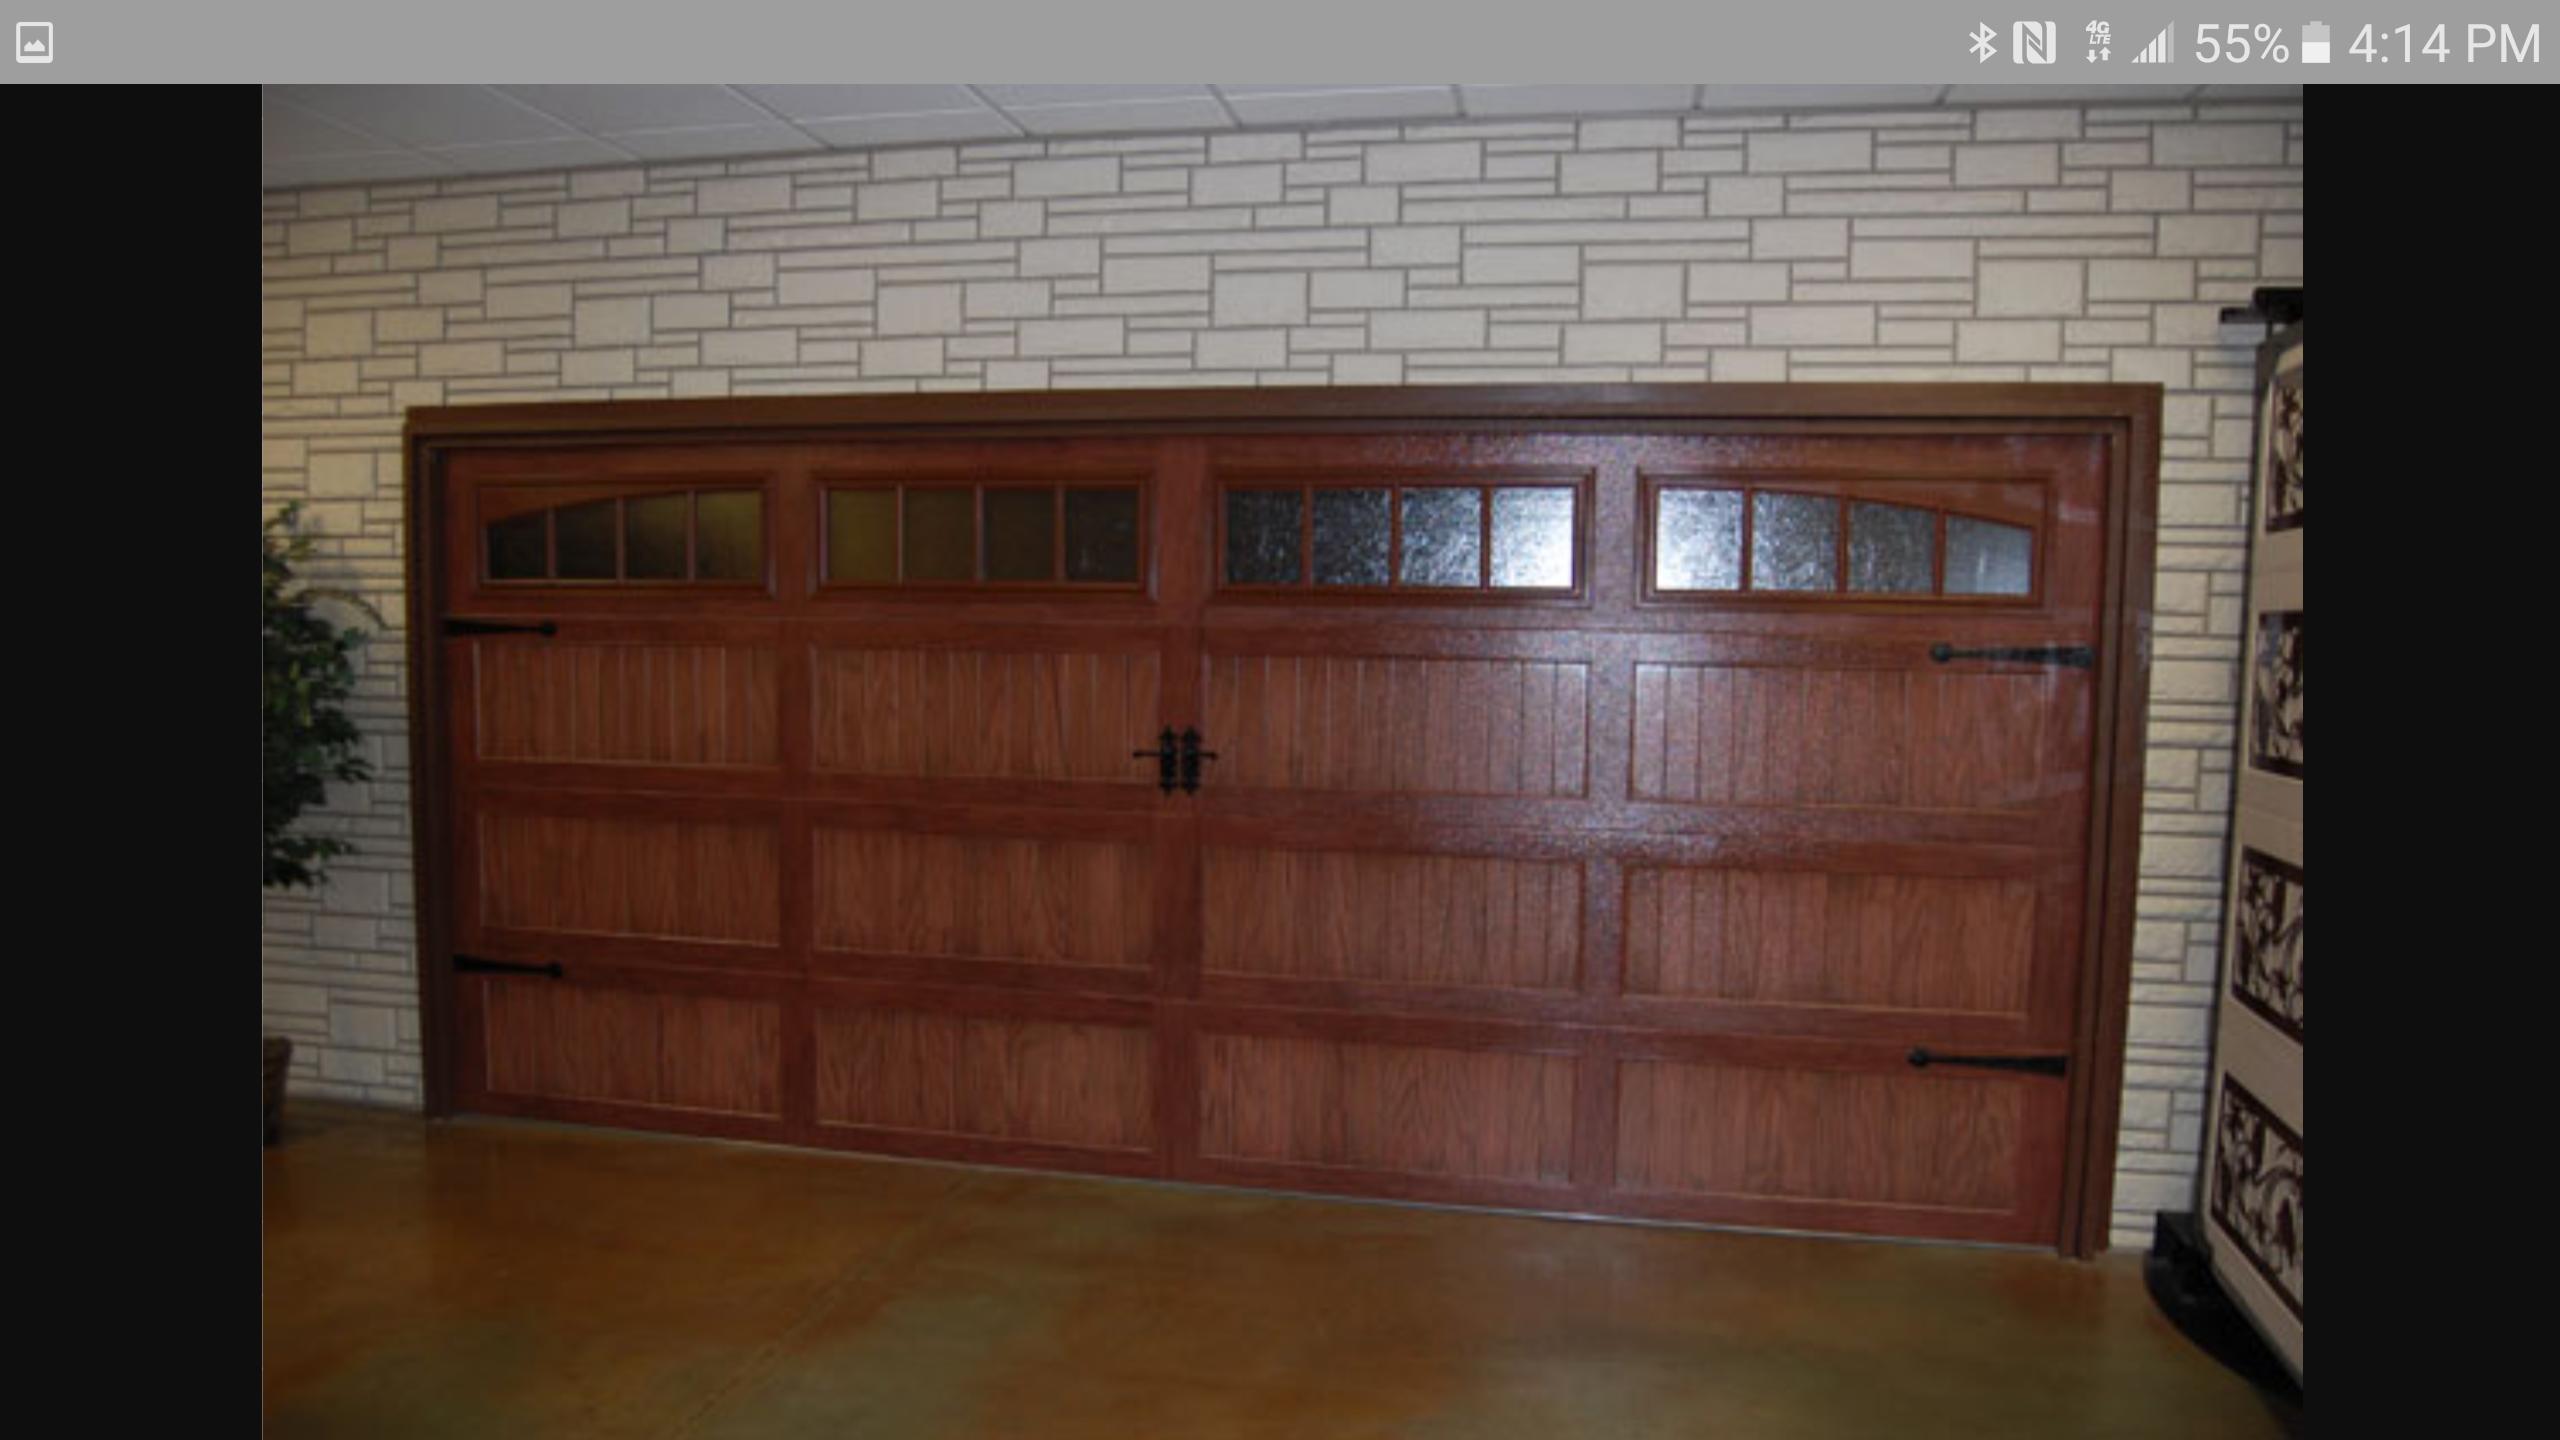 1440 #2E1E15 Complete Garage Door Services Fremont California Garage Door And  wallpaper Complete Garage Doors 36252560